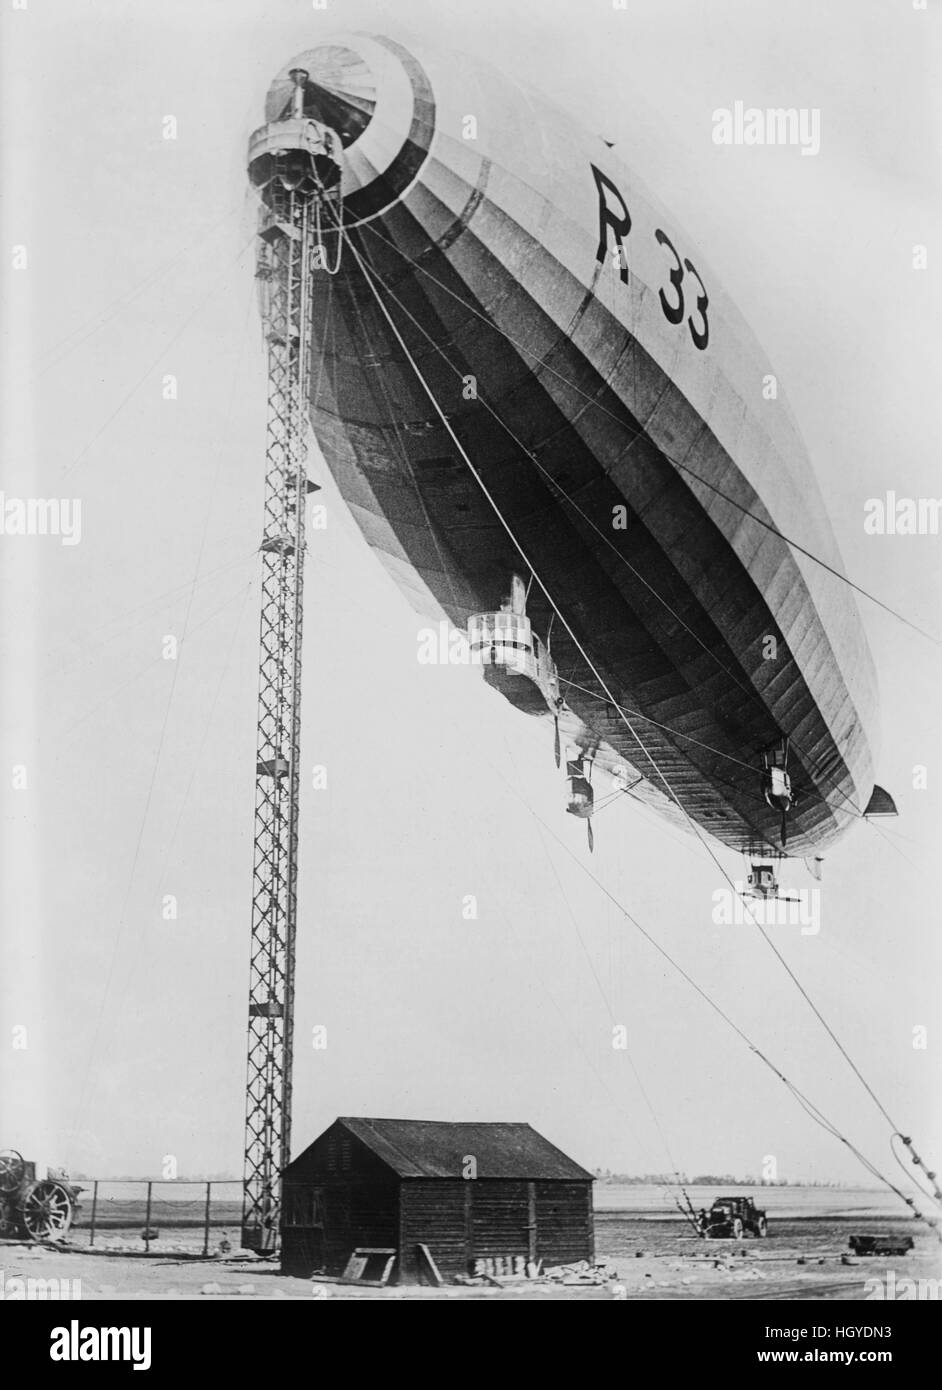 R 33 Airship at Mooring Mast, Bain News Service, 1921 Stock Photo